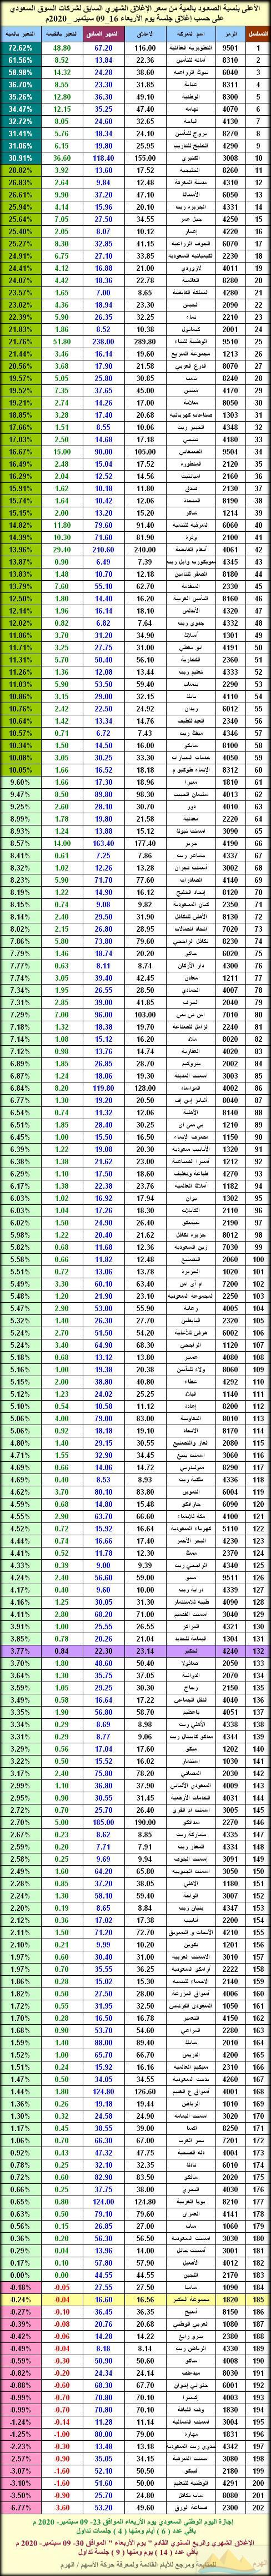 الأعلى بنسبة الصعـود بالمية من سعر الإغلاق الشهري لشركات السوق السعودي نادي خبراء المال